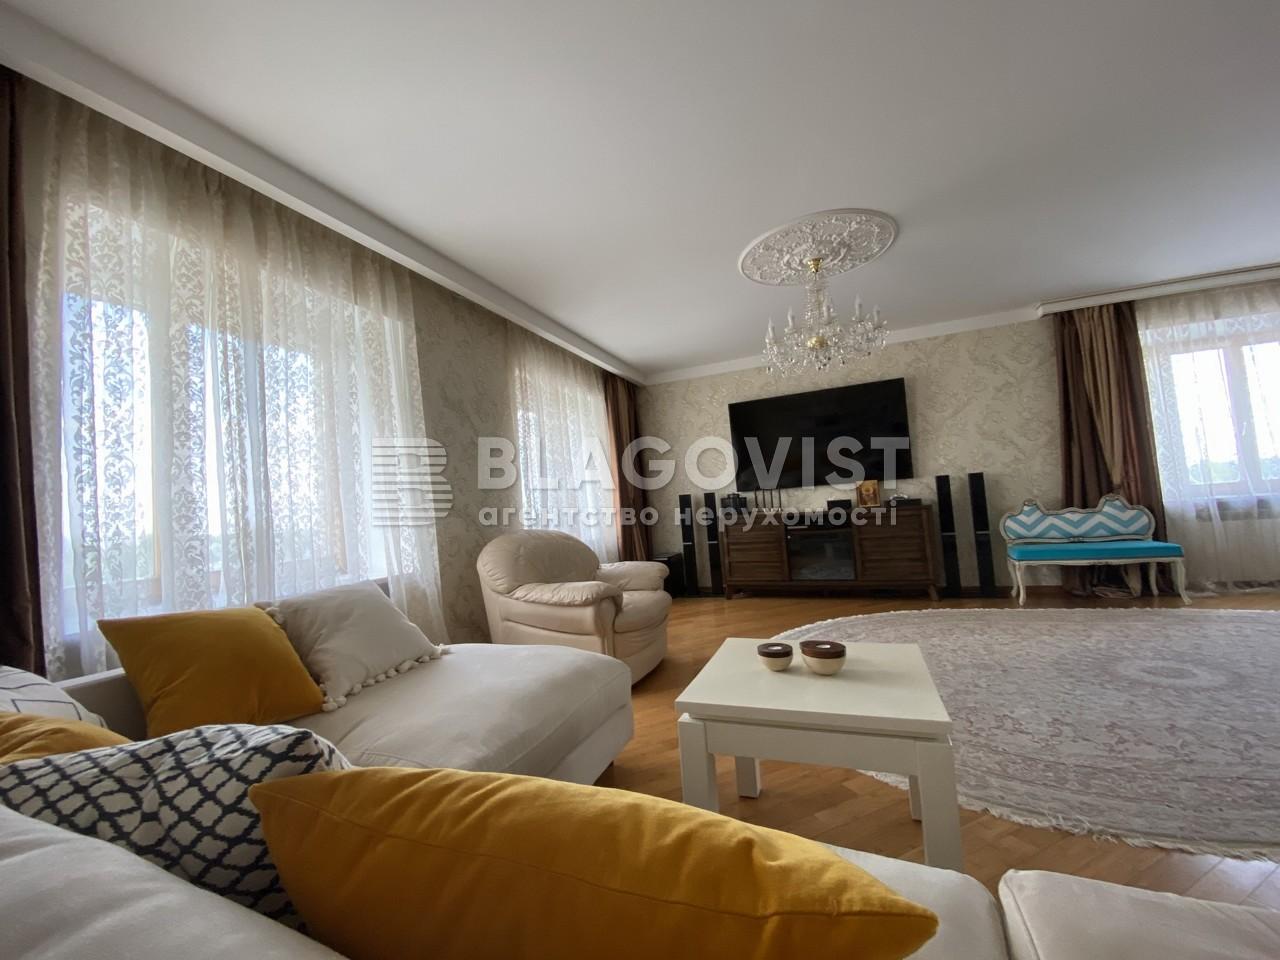 Квартира R-39990, Героев Сталинграда просп., 14г, Киев - Фото 8